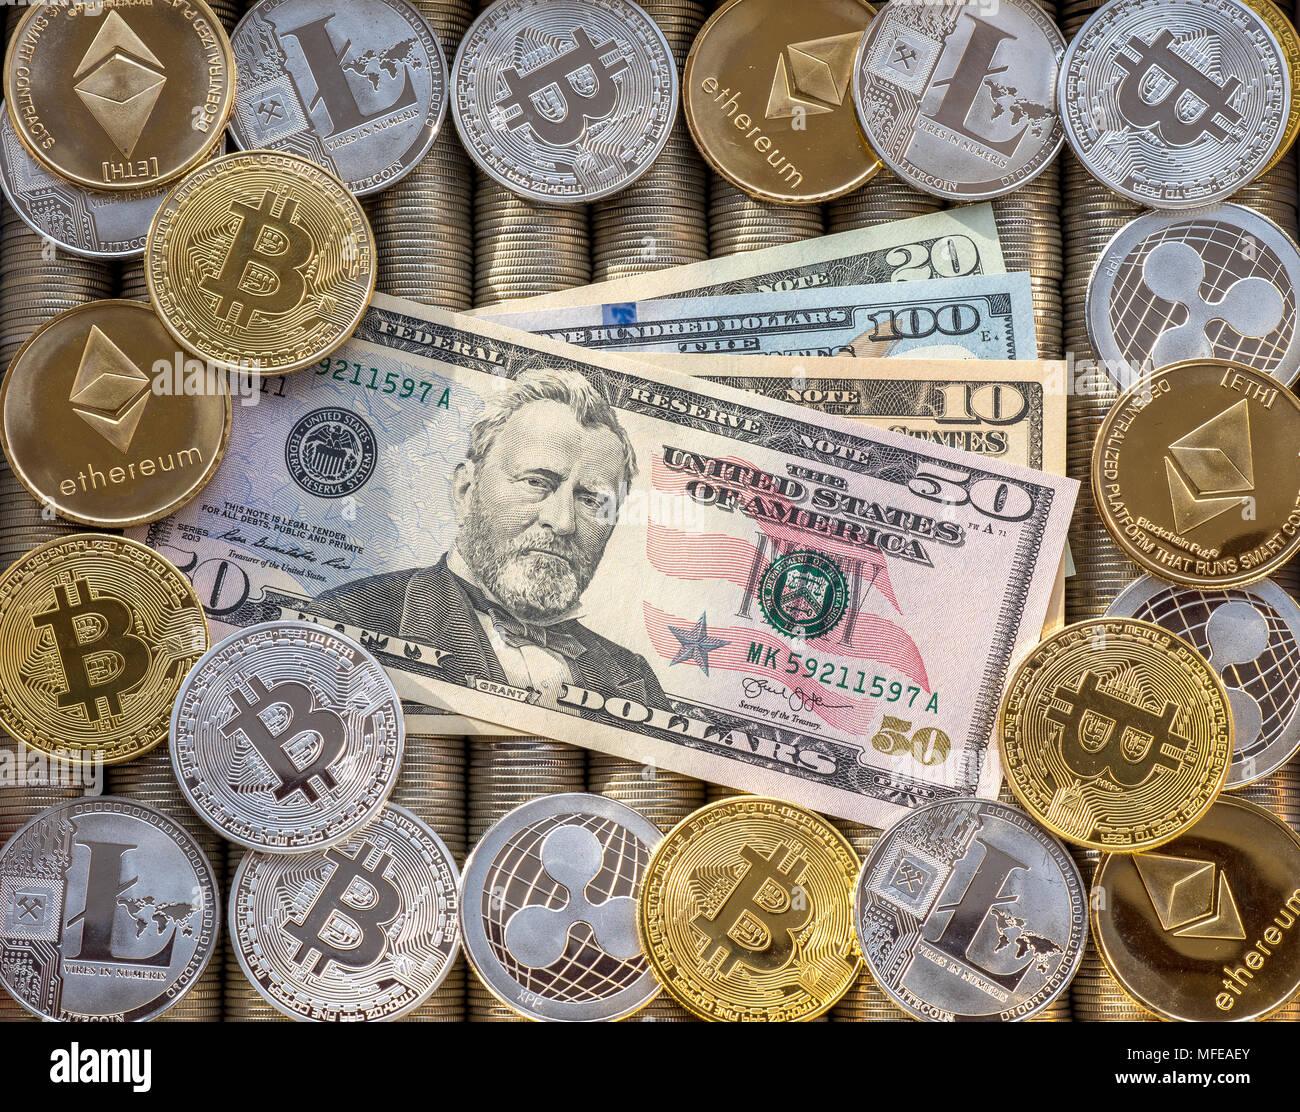 Silber Gold Crypto Münzen Des Astraleums Eth Welligkeit Xrp